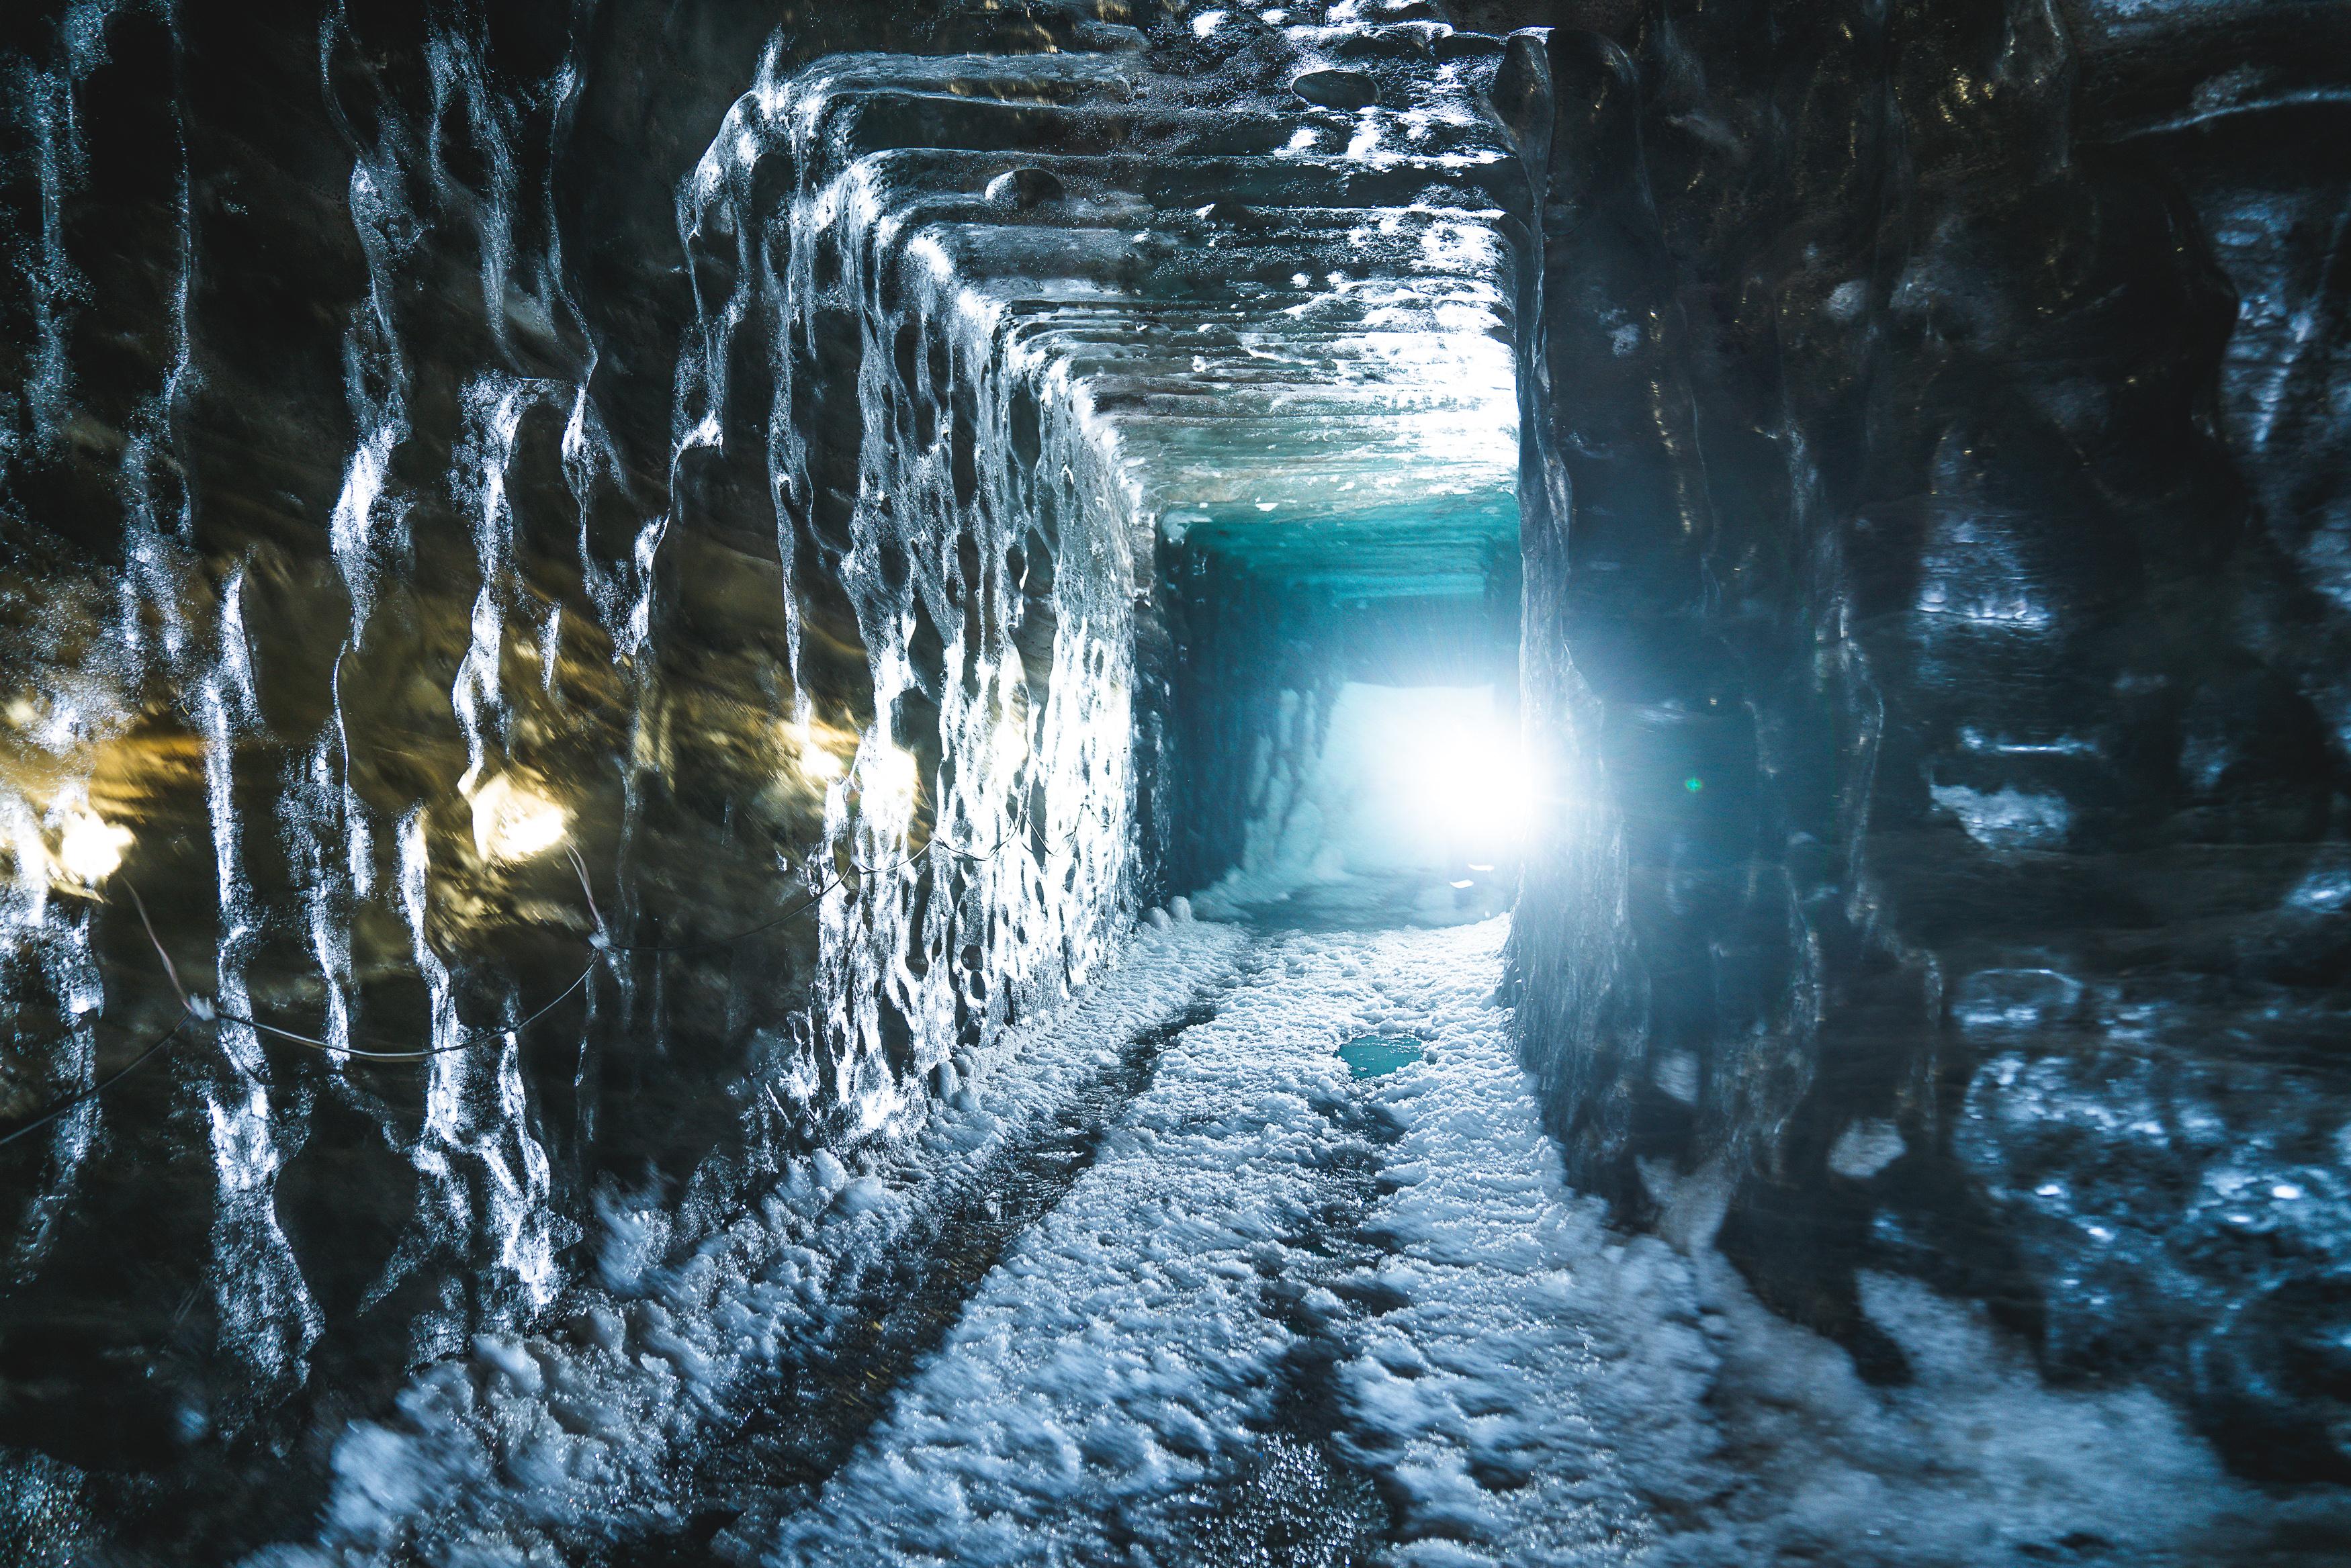 굴포스 출발, 랑요쿨 빙하 스노모빌 및 얼음 동굴 투어